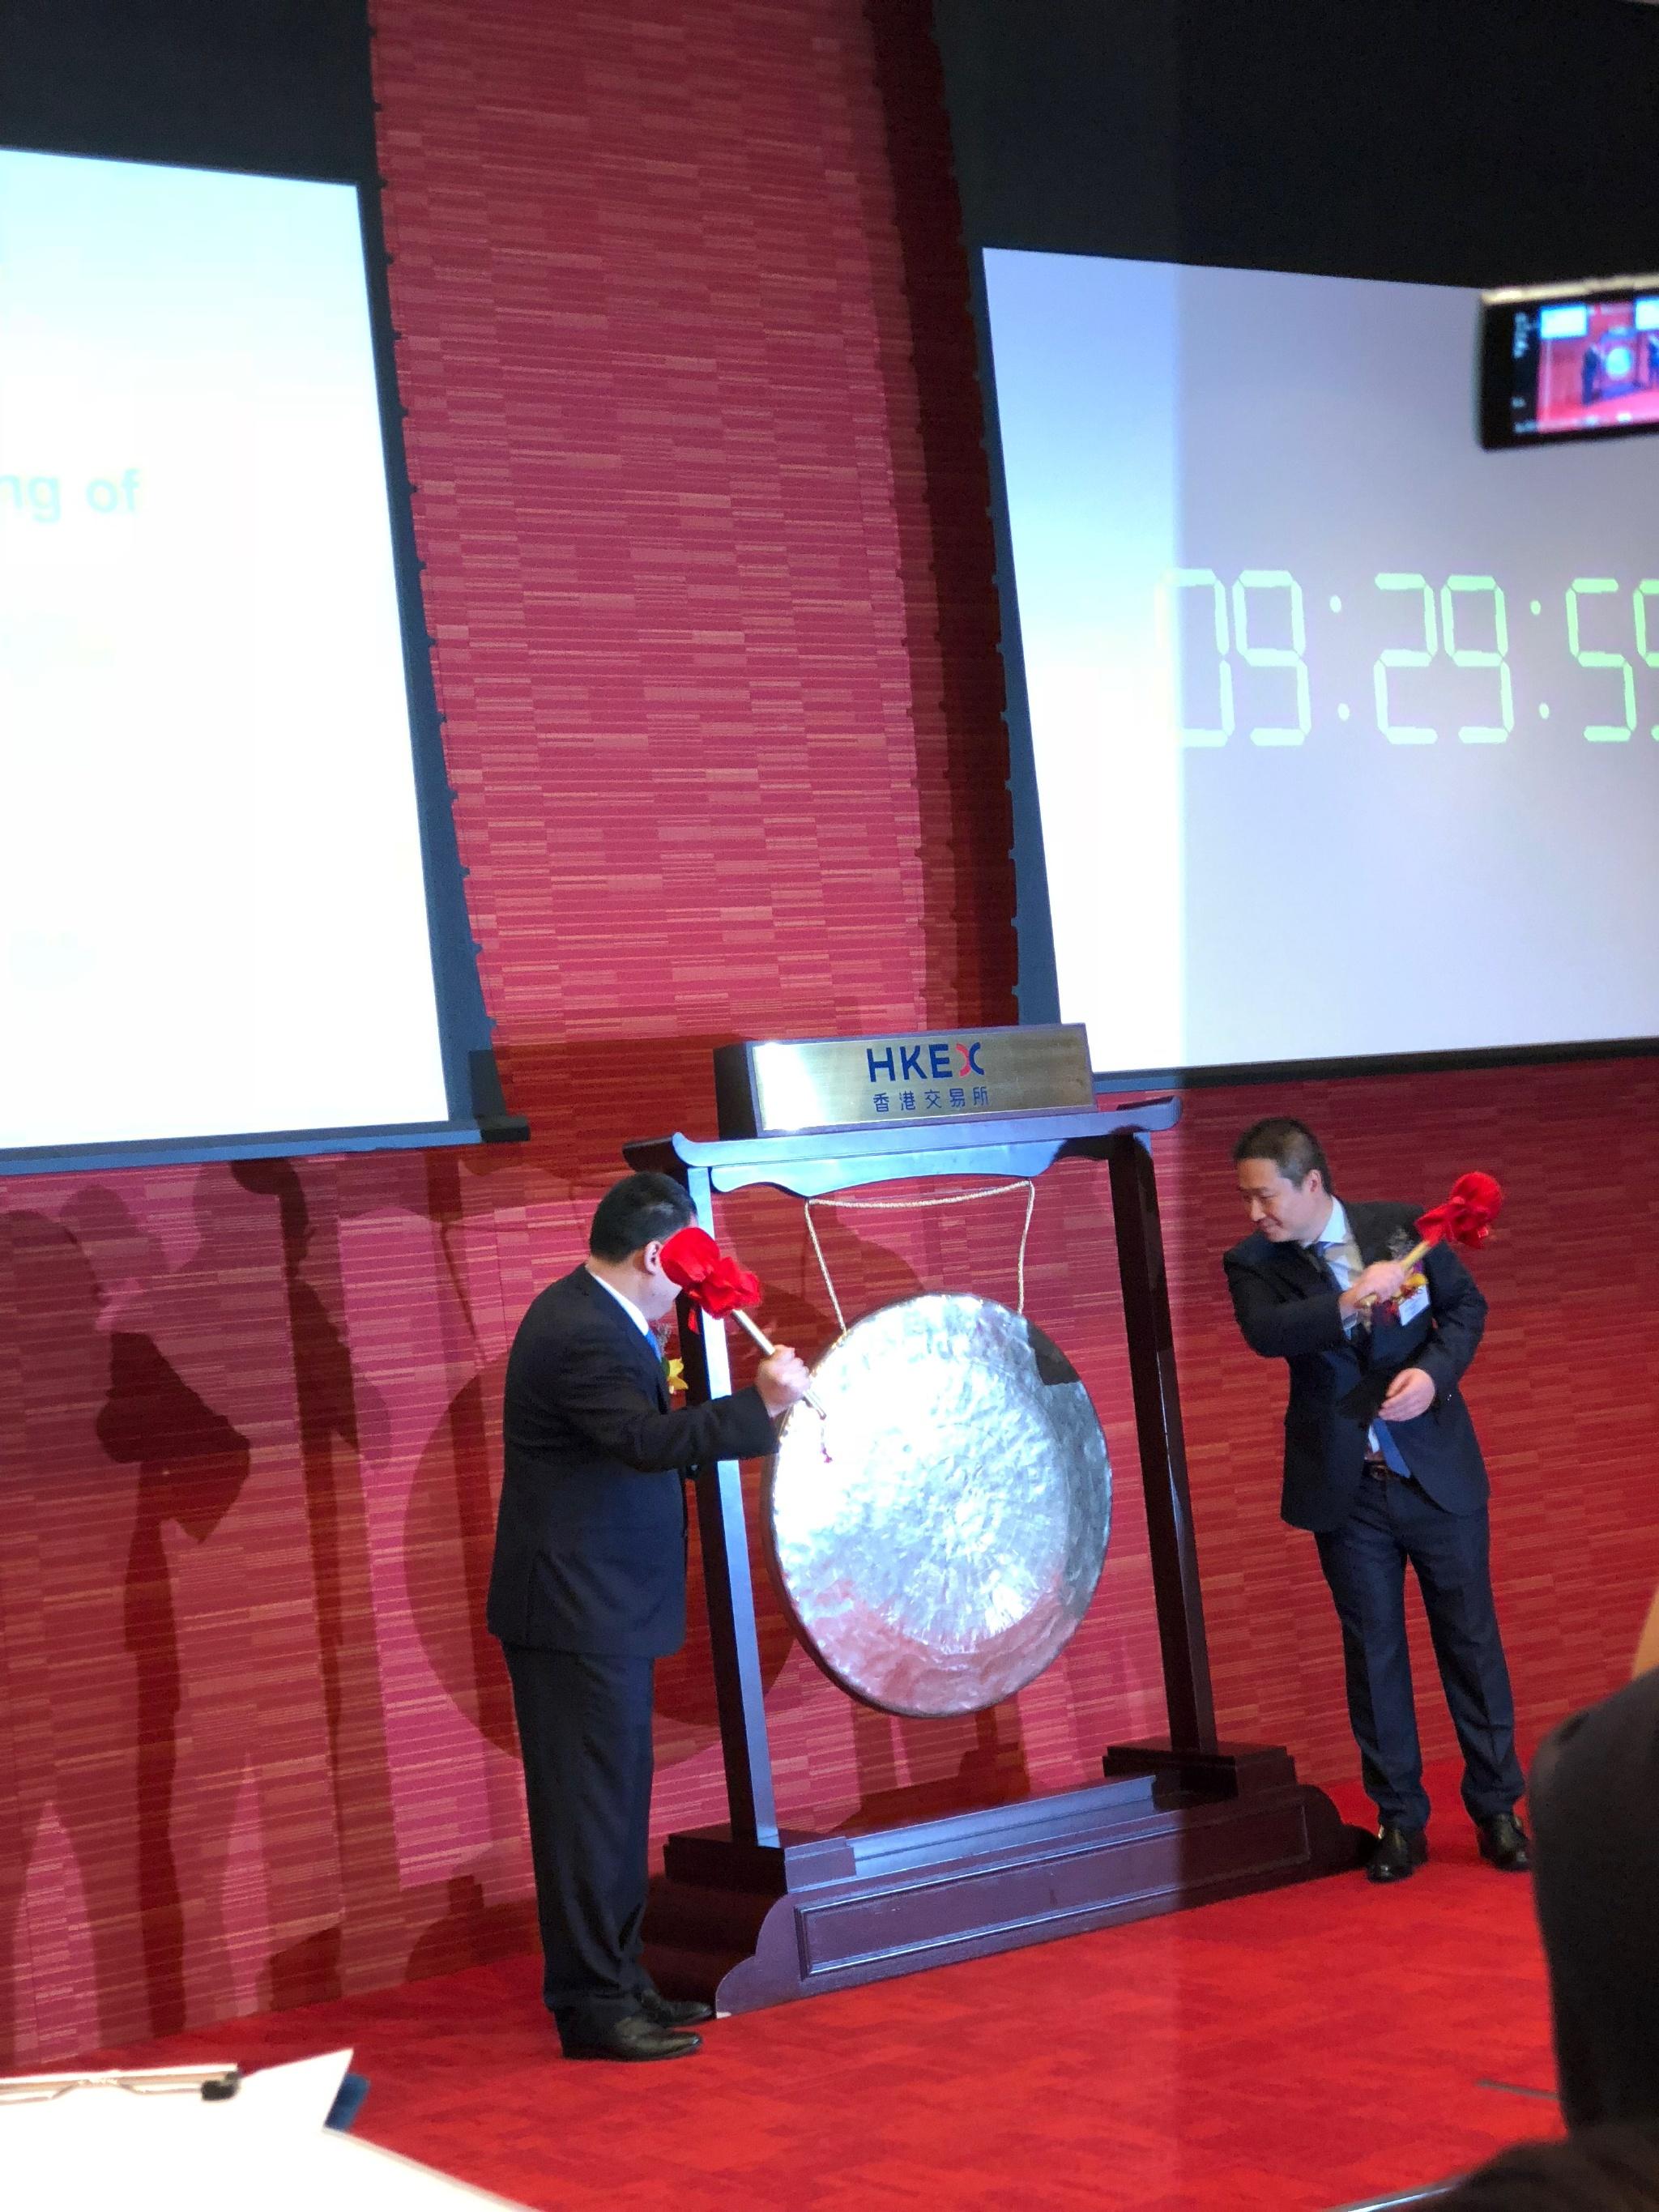 5分钱的生意,做成了全球最大出版公司,我们和吴文辉聊了聊阅文的未来